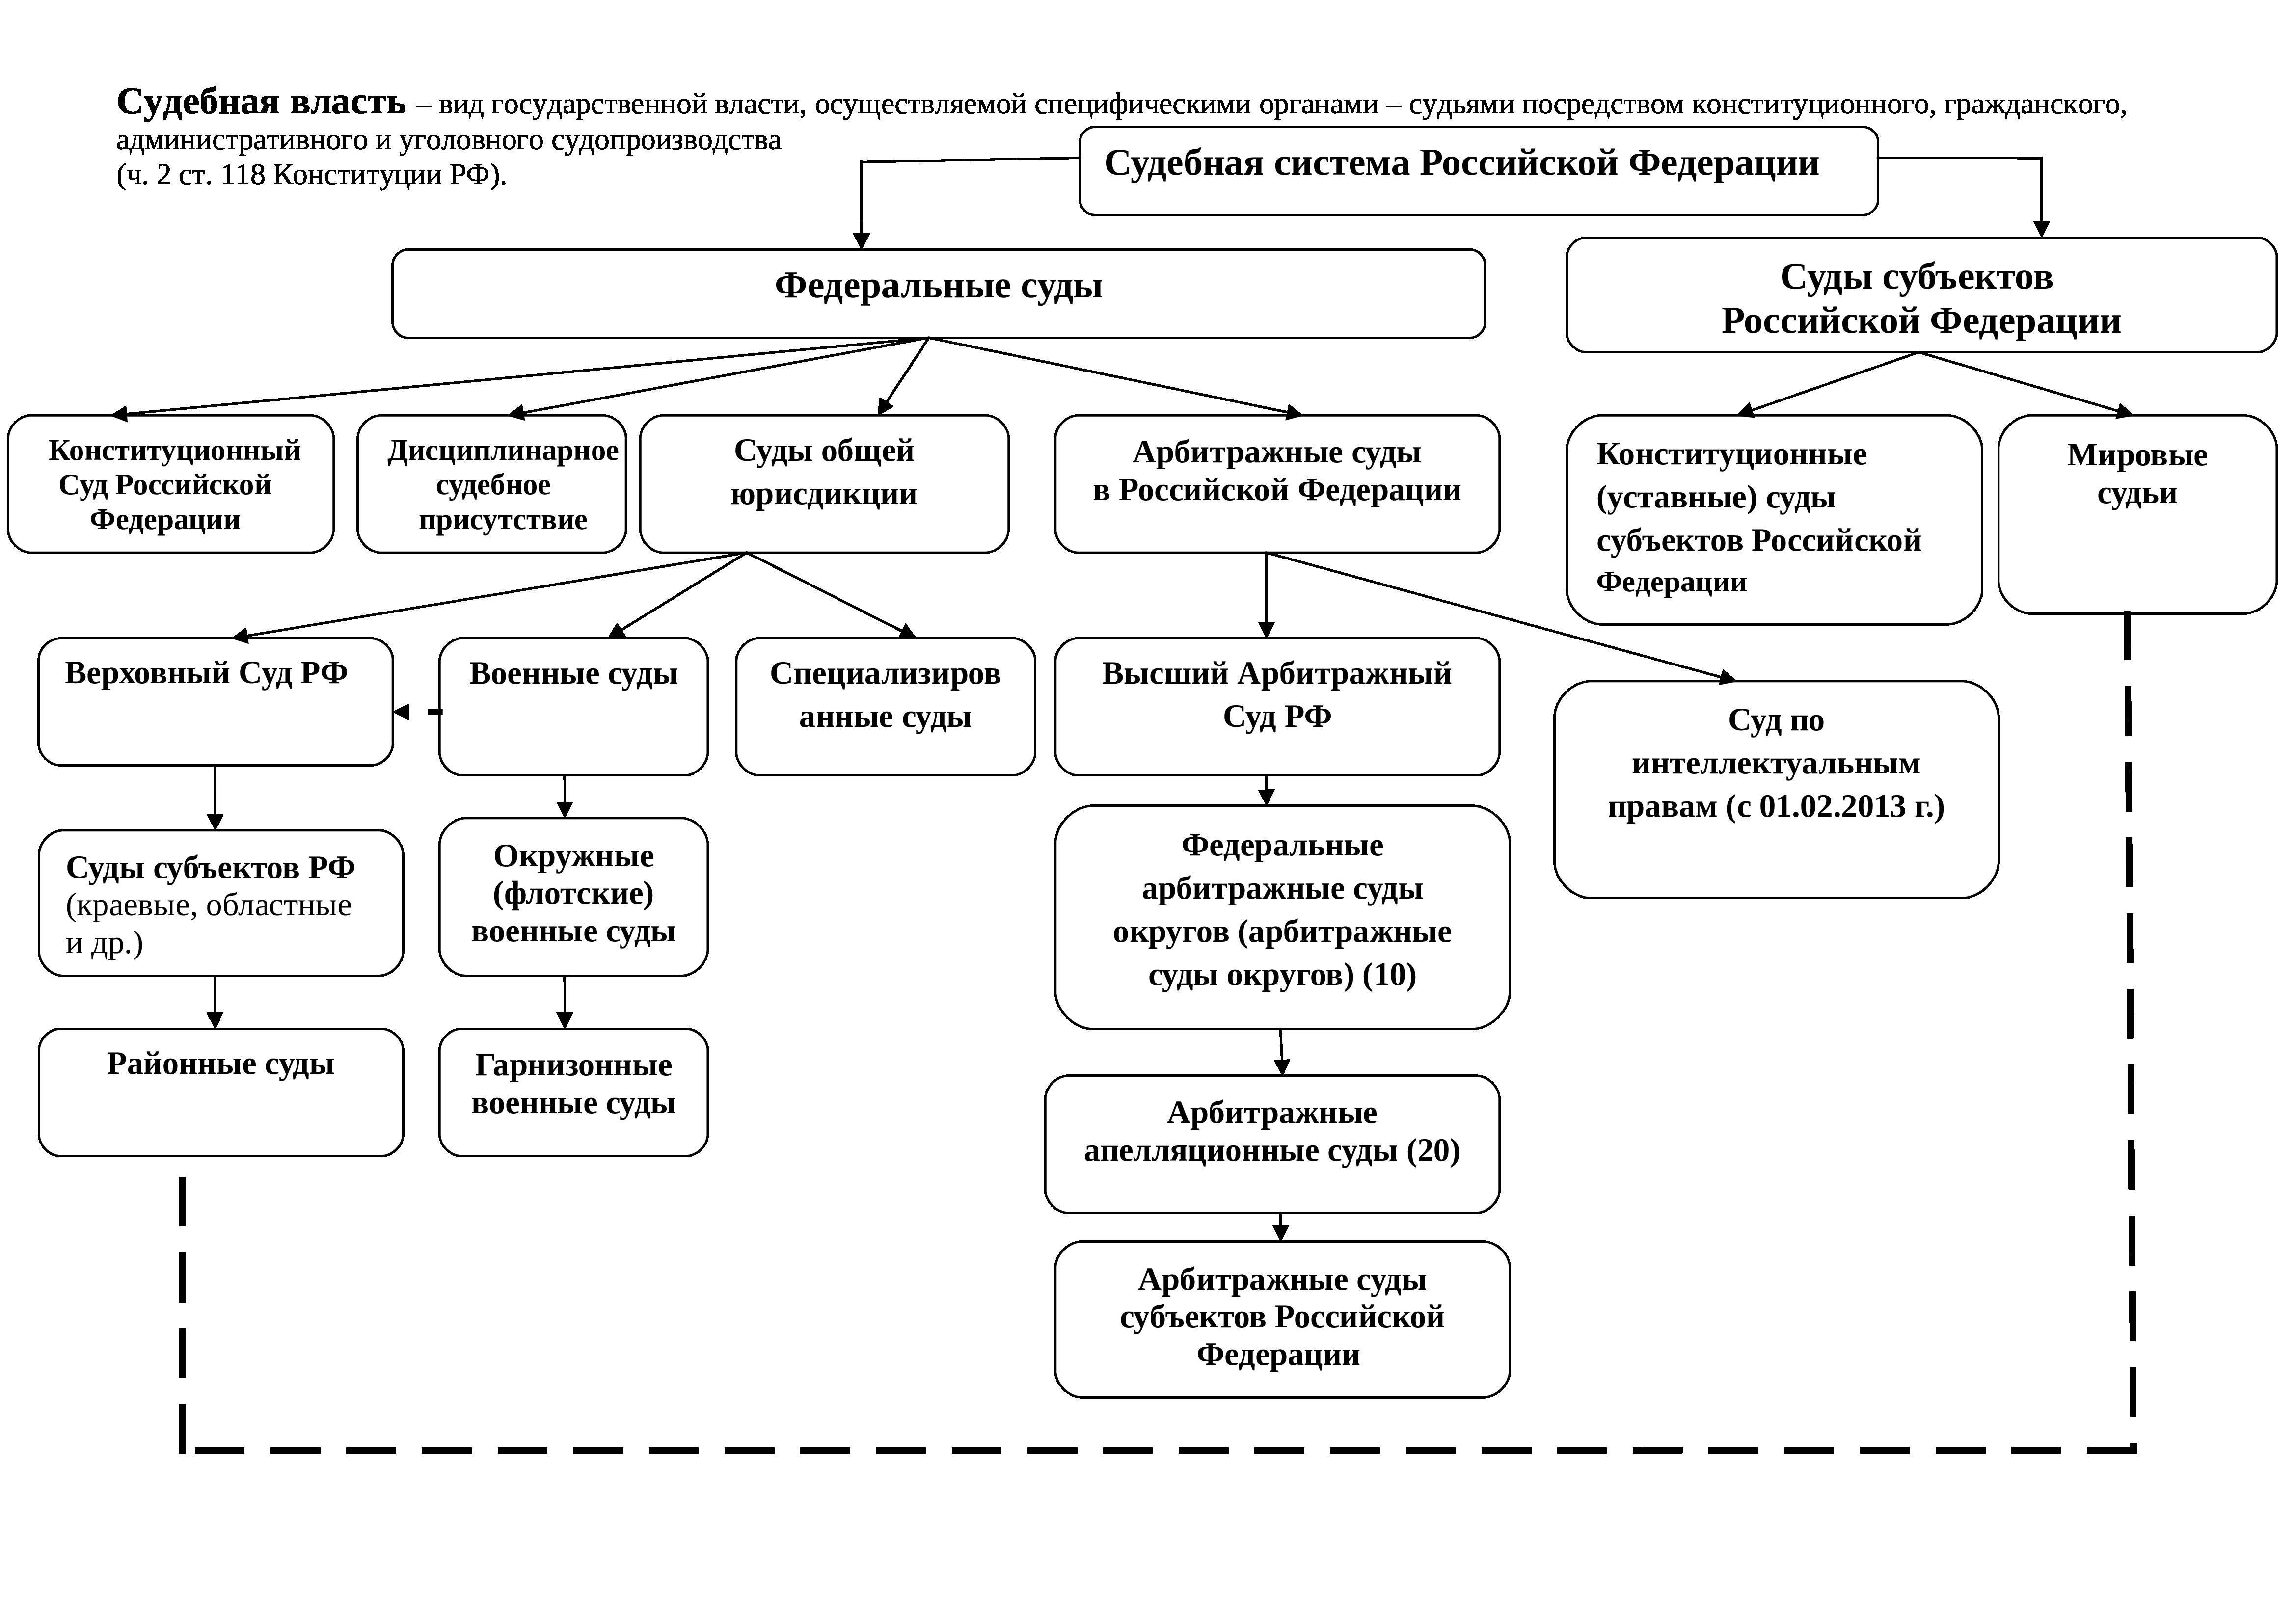 Фрг судебная власть структура | nwlb.ru